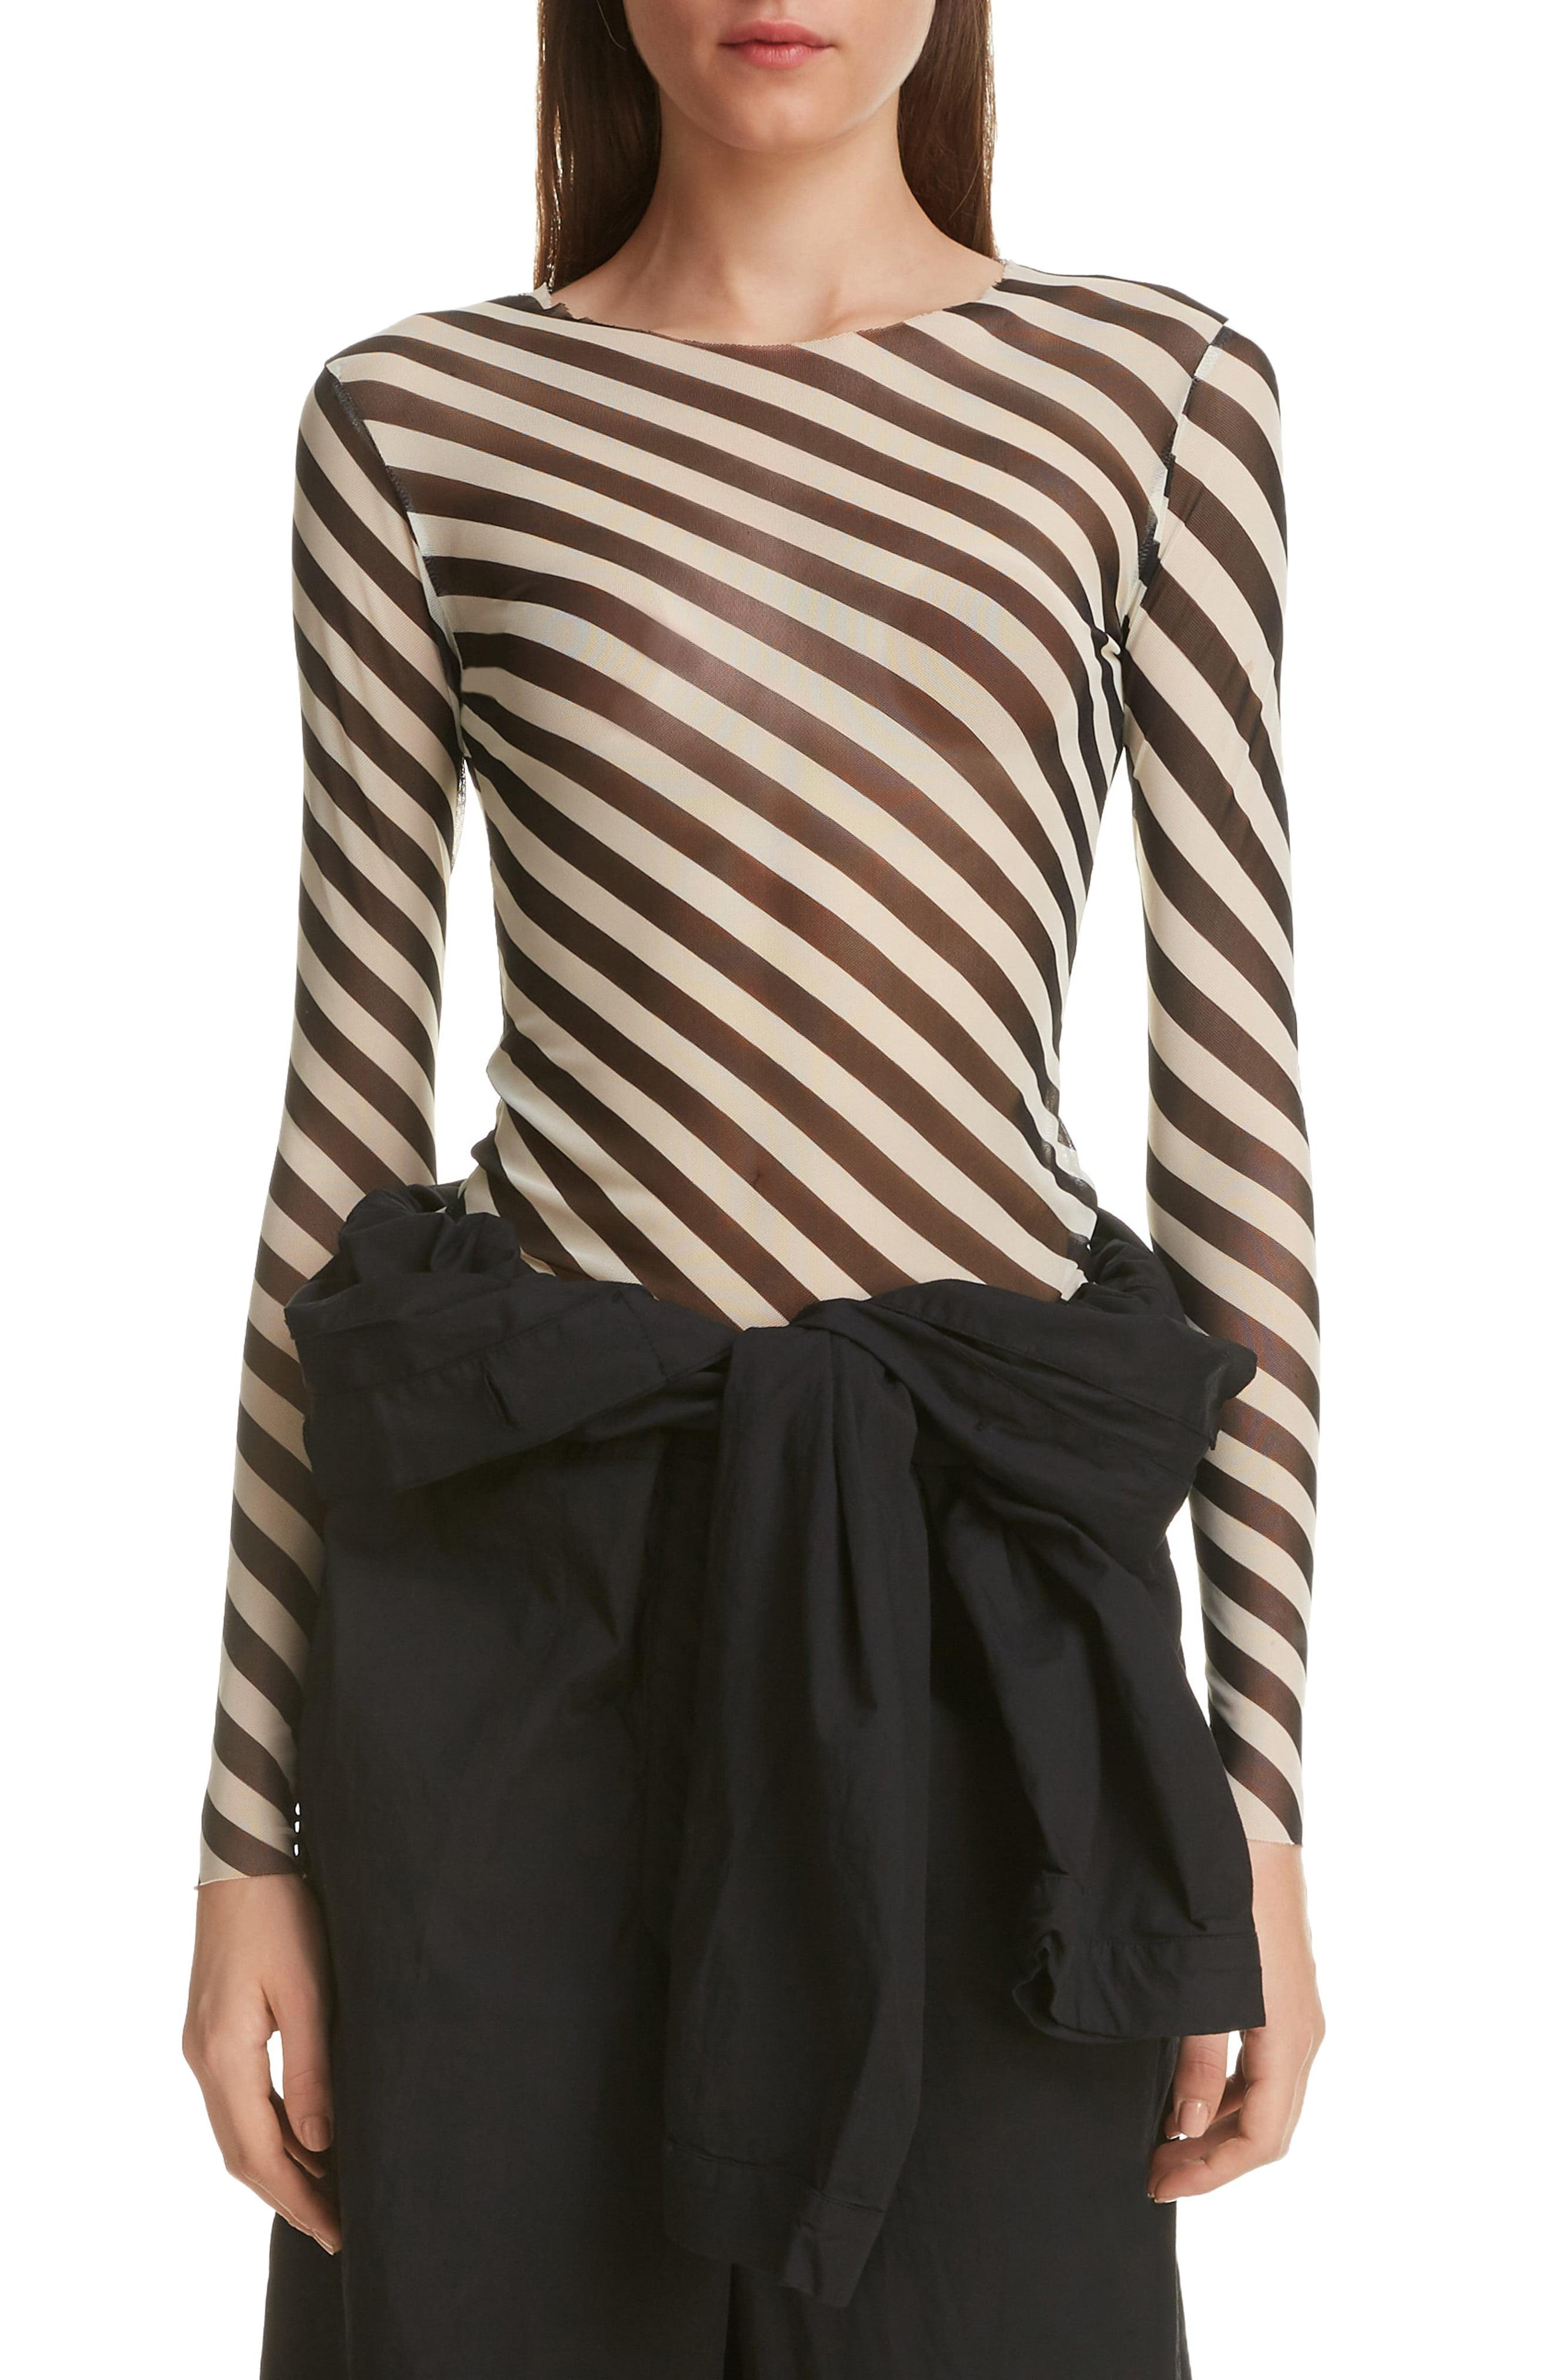 59335535d45c8 Dries Van Noten. Women s Heston Bias Stripe Top